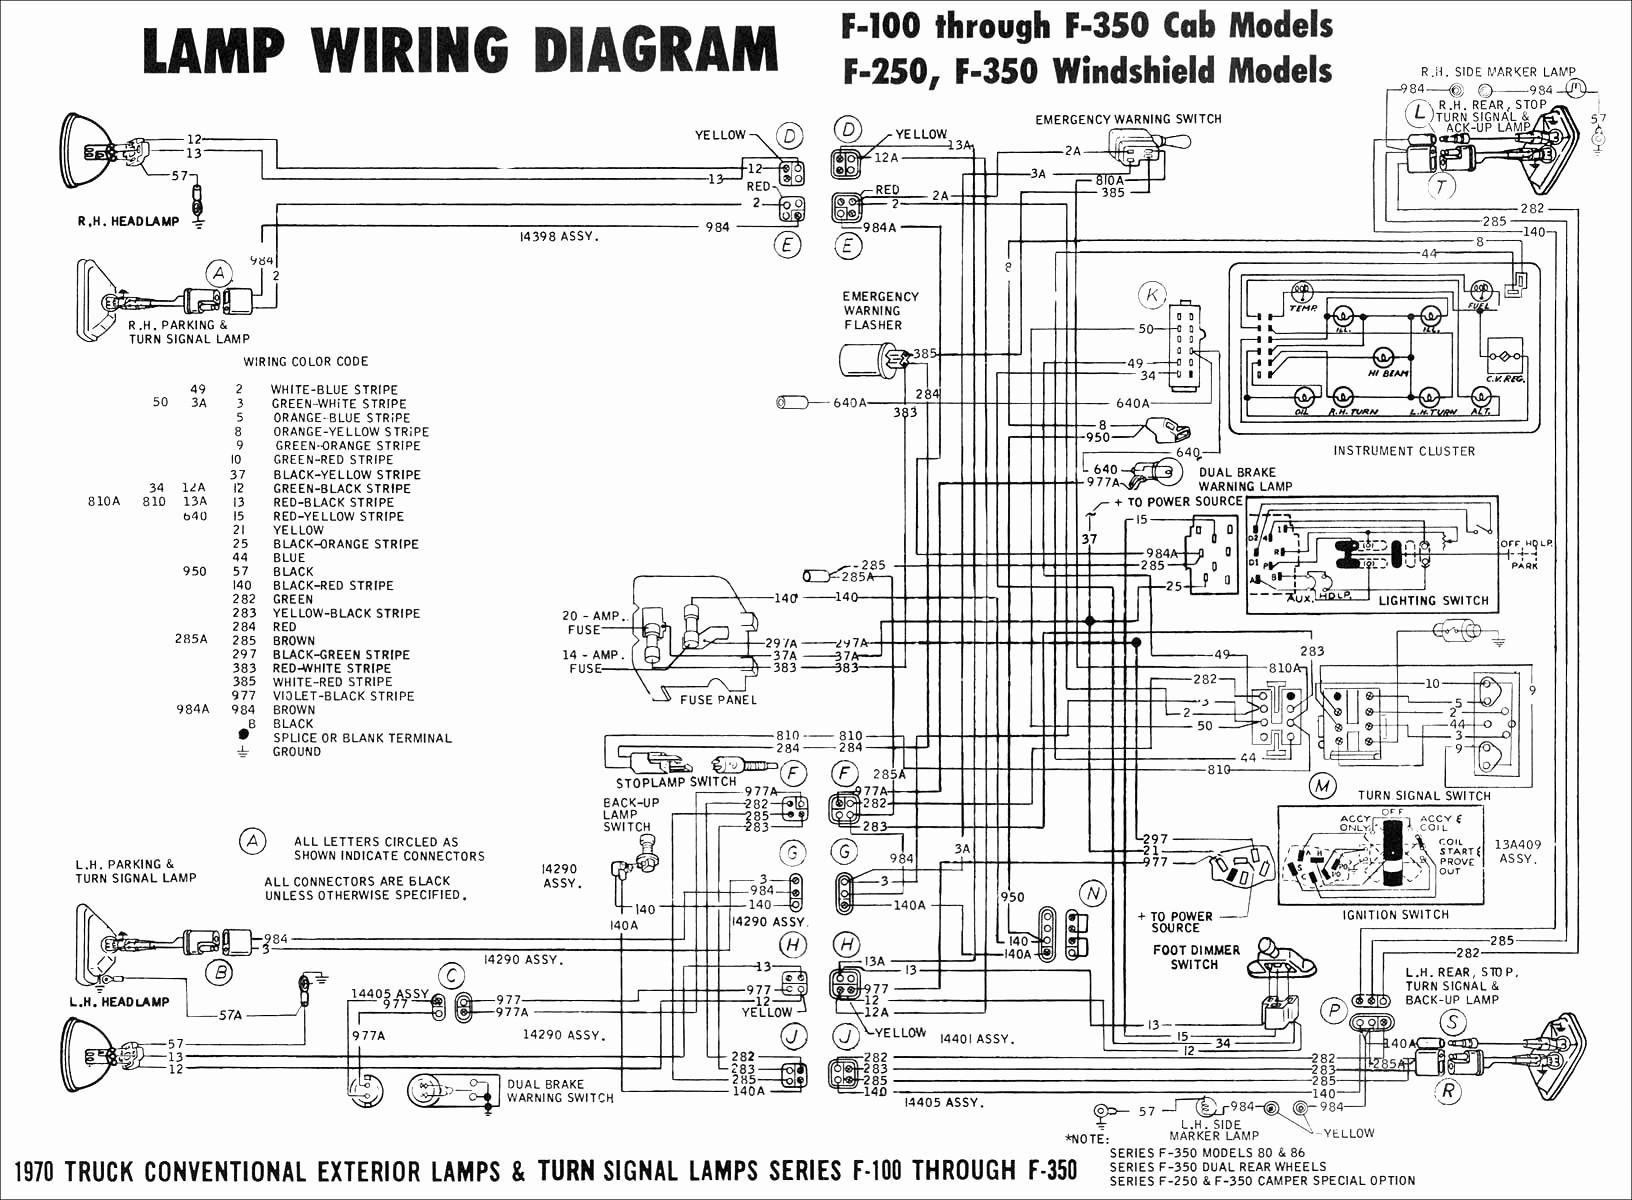 2 Stroke Marine Diesel Engine Timing Diagram 3l Engine Diagram Wiring Diagrams Schematics • Of 2 Stroke Marine Diesel Engine Timing Diagram